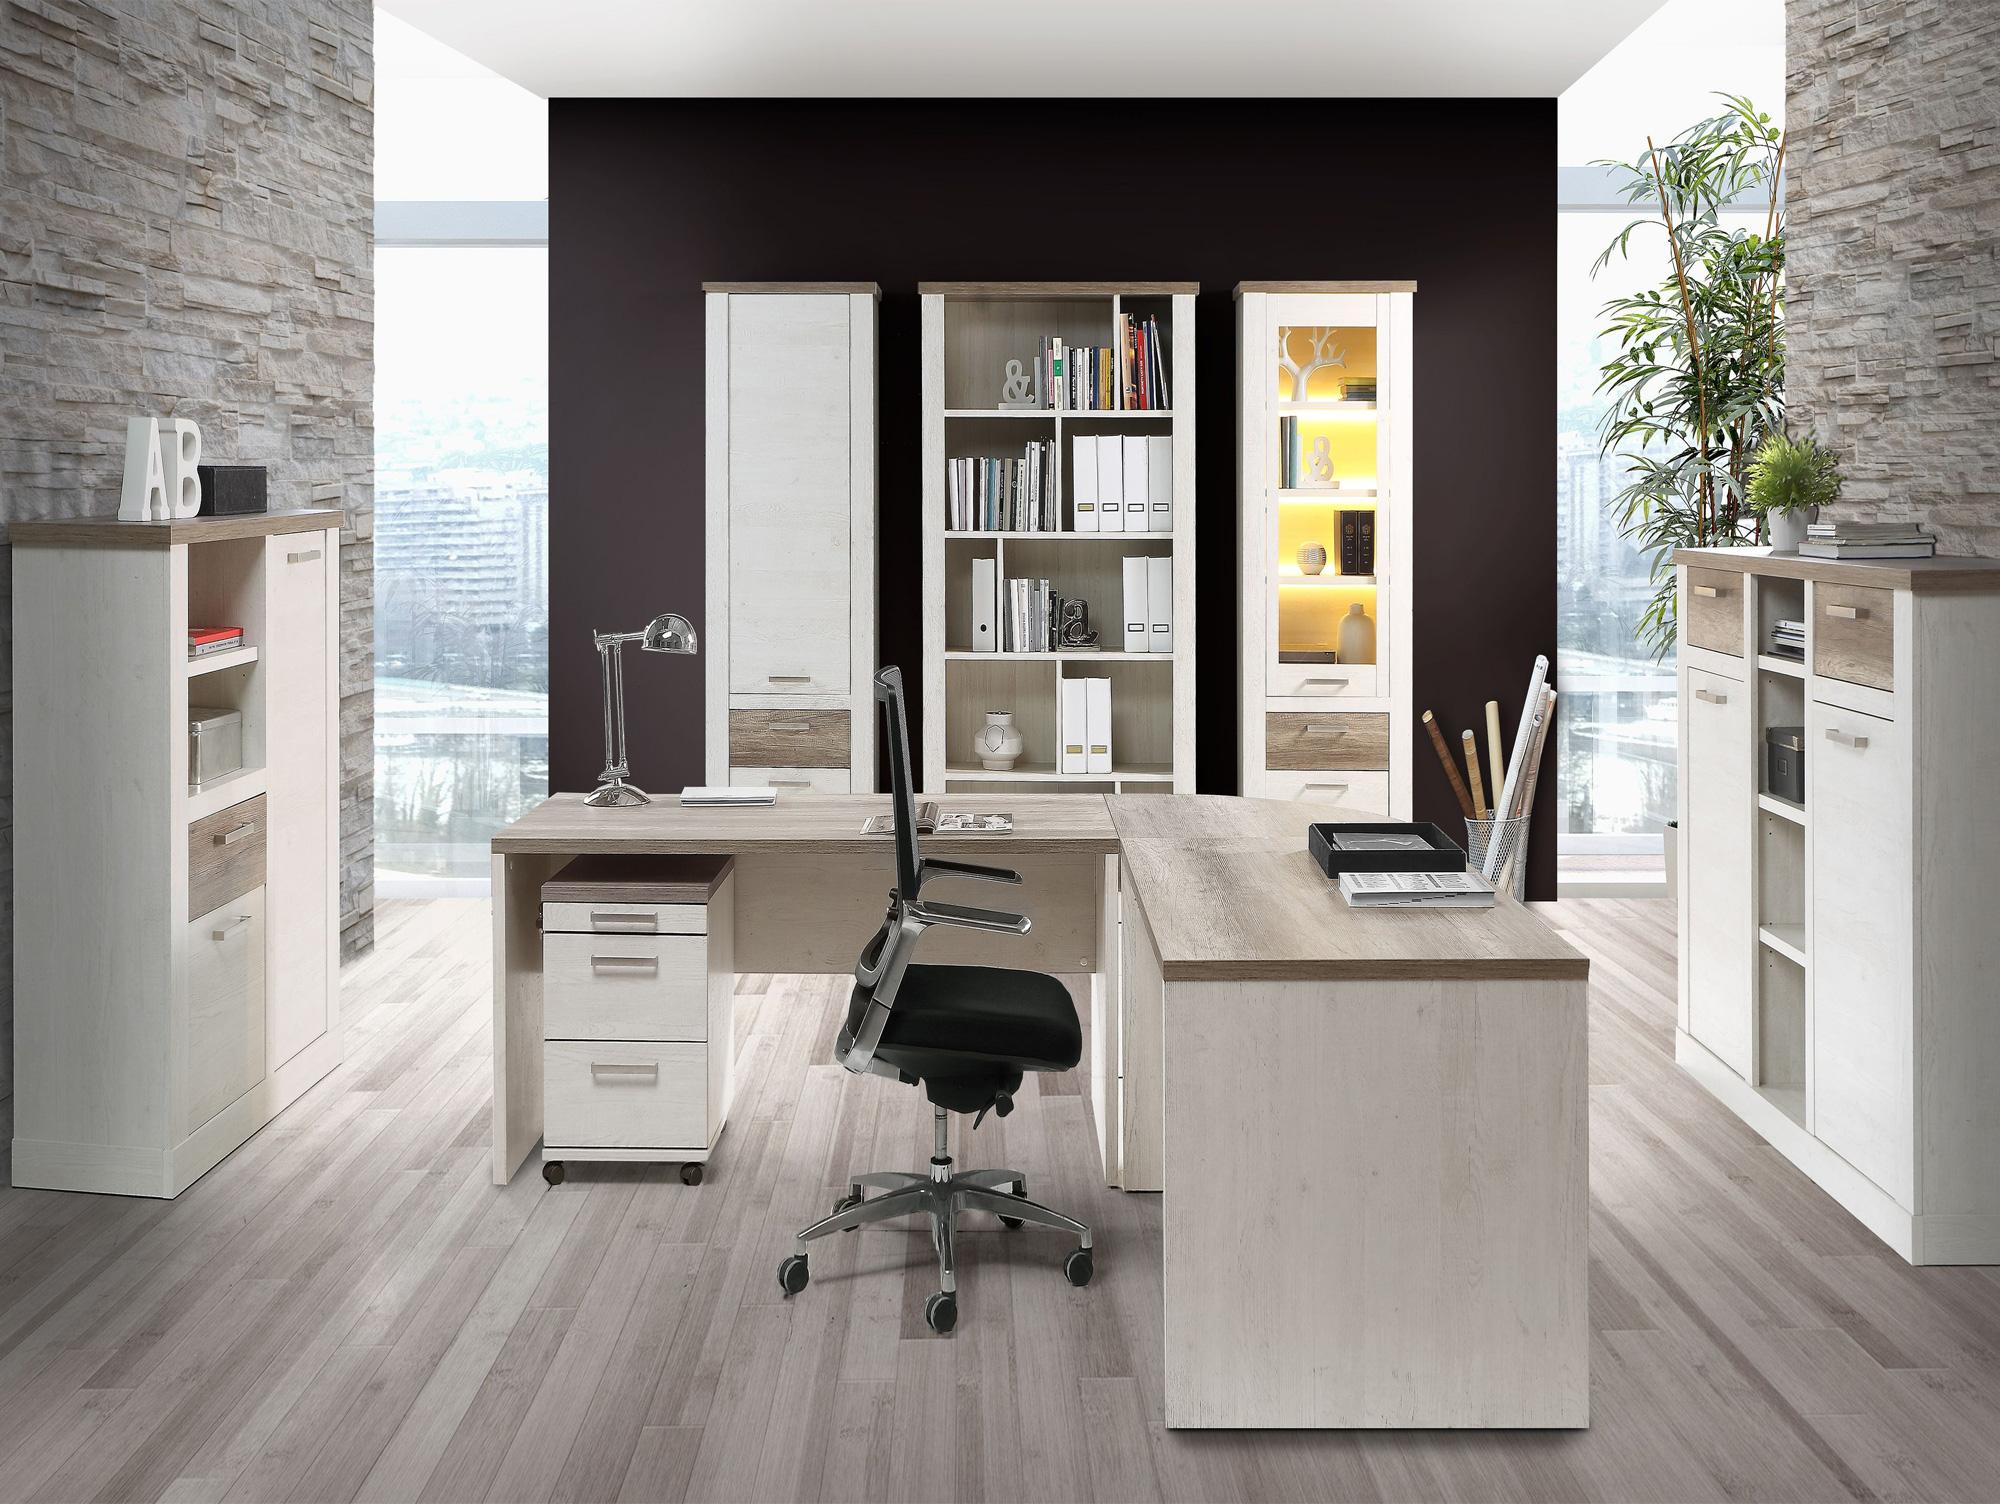 dagur schreibtisch pinie wei eiche antik 140 cm. Black Bedroom Furniture Sets. Home Design Ideas